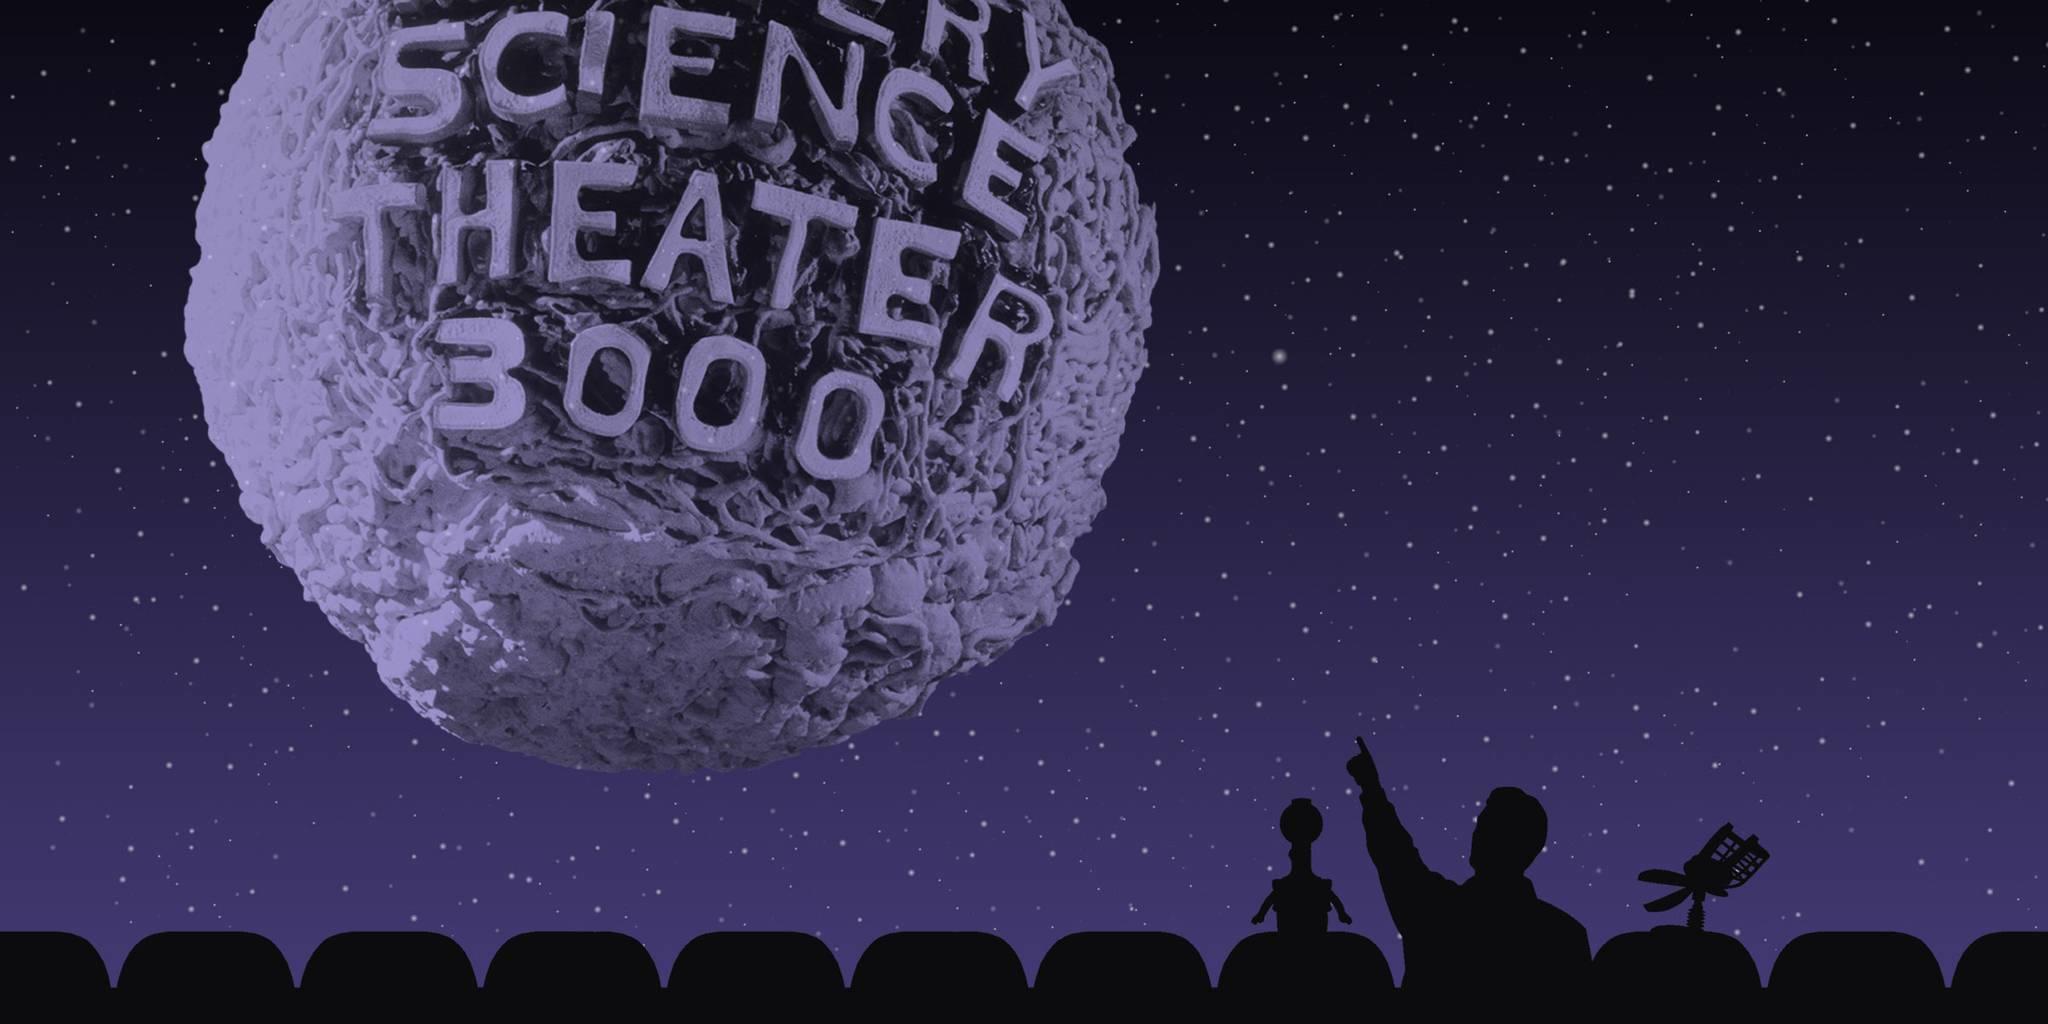 Mystery Science Theater Mystery Science Theater 3000 Mst3k